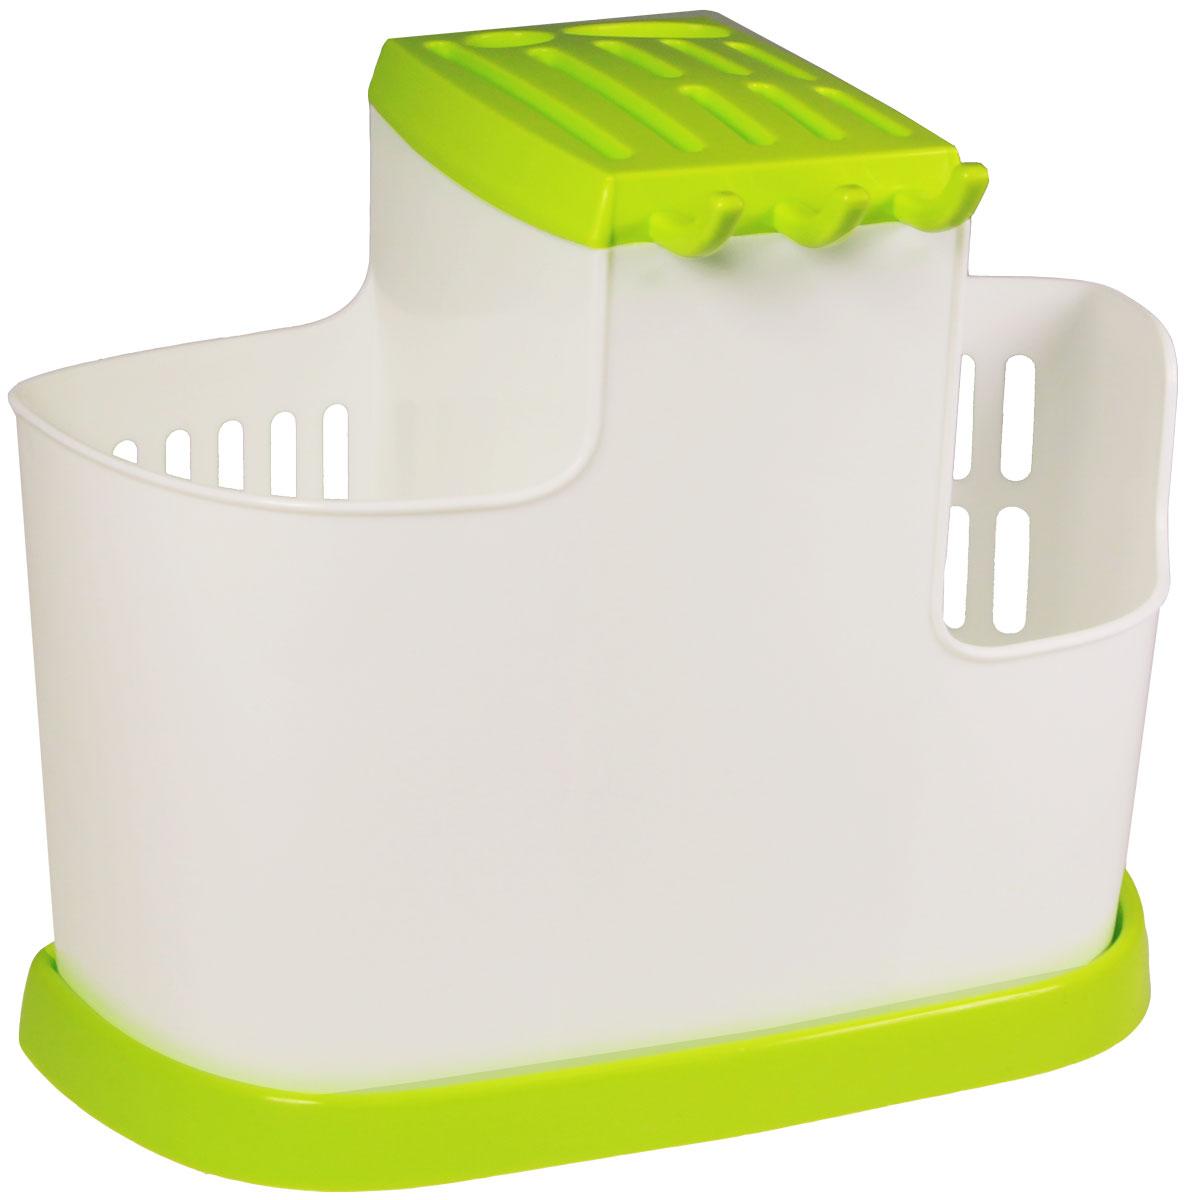 Органайзер кухонный Idea, цвет: салатовый, 19 х 25 х 14,5 смМ 1178